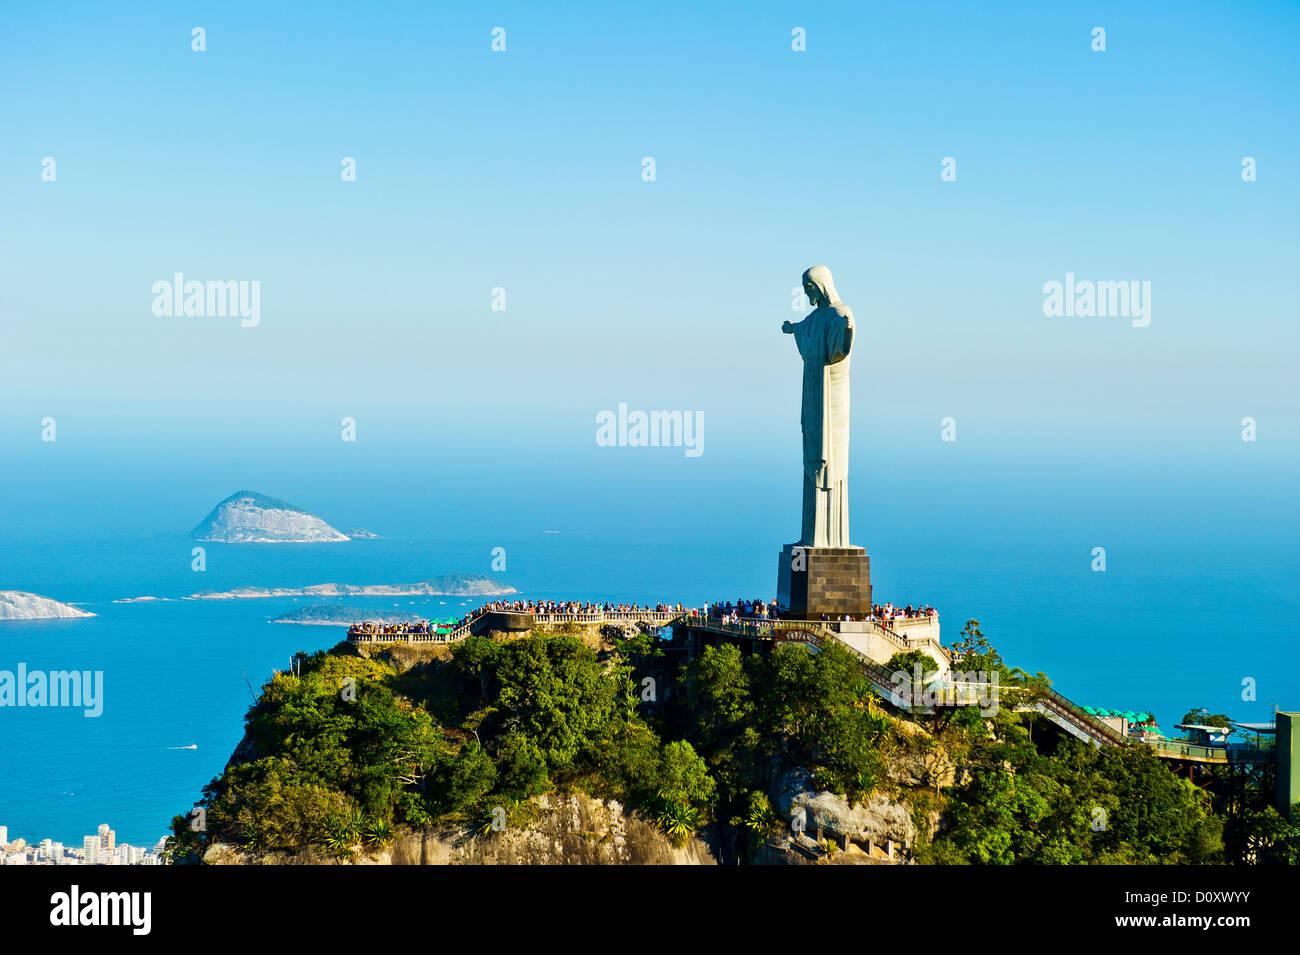 Christ the Redeemer statue overlooking Rio de Janeiro, Brazil Stock Photo